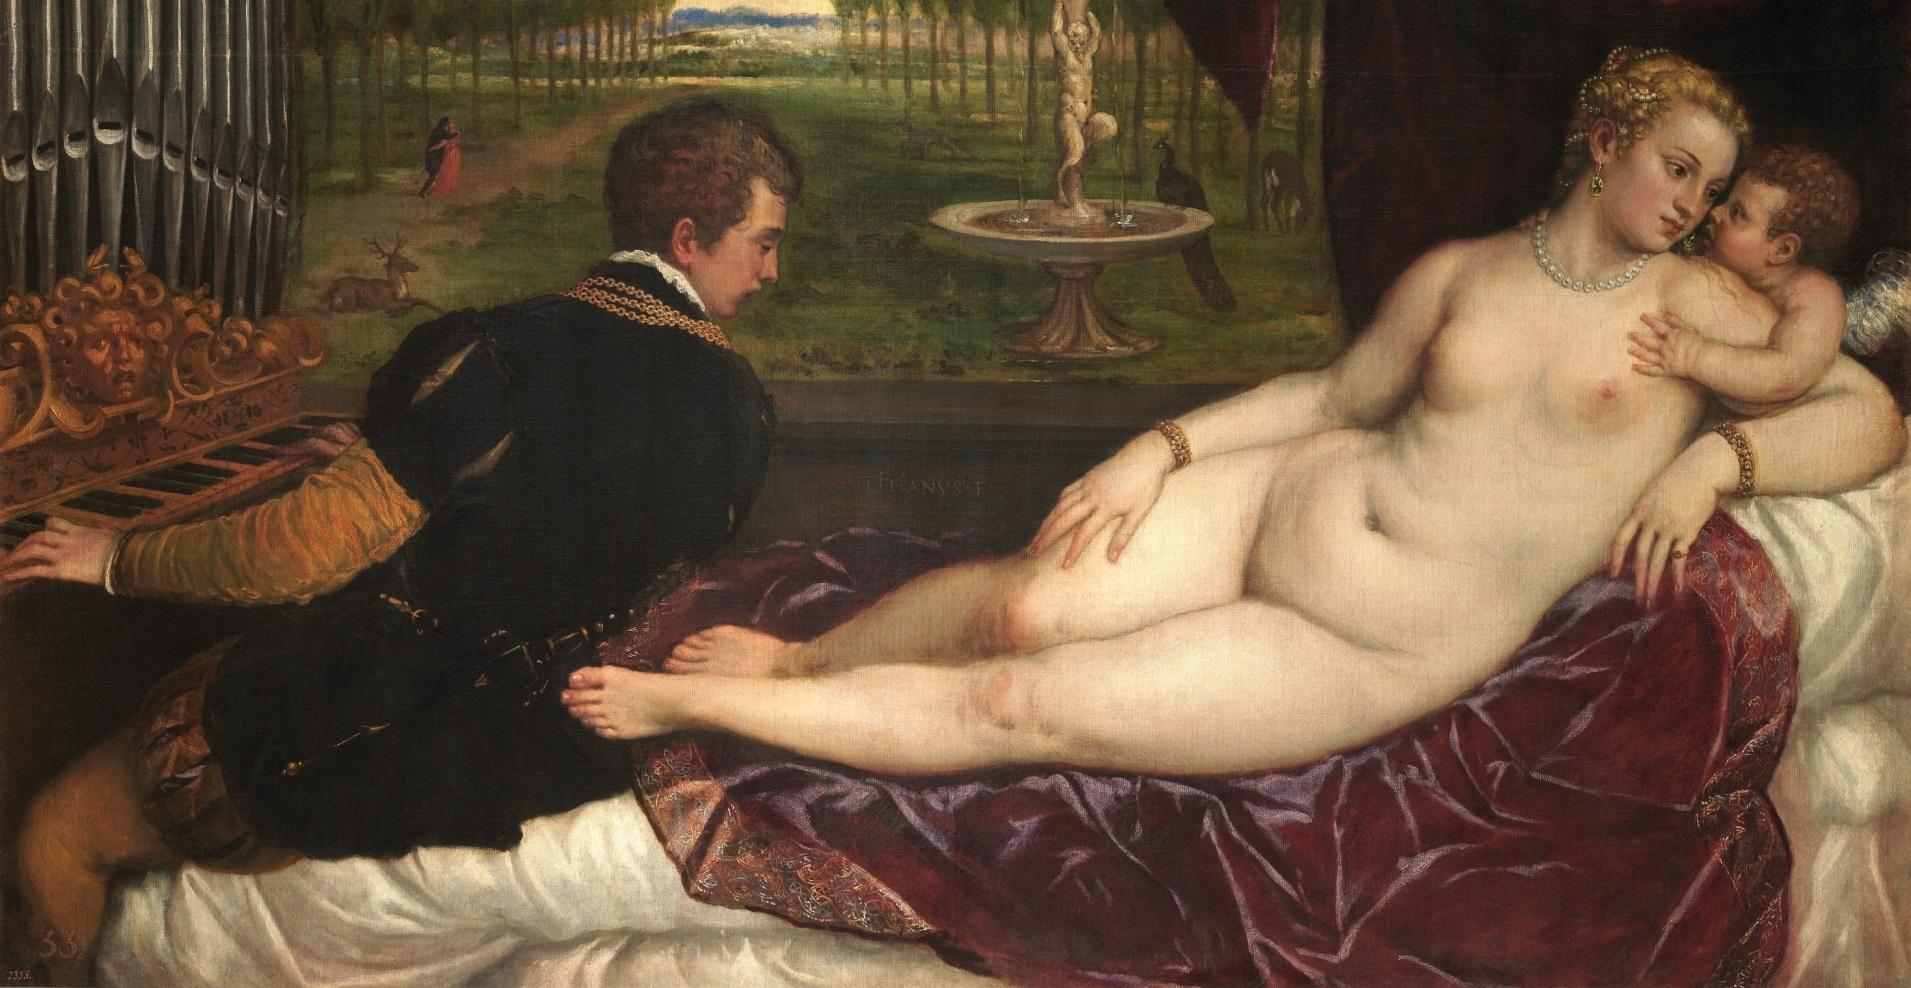 Detalle de Venus recreándose con el Amor y la Música de Tiziano. Museo Nacional del Prado.